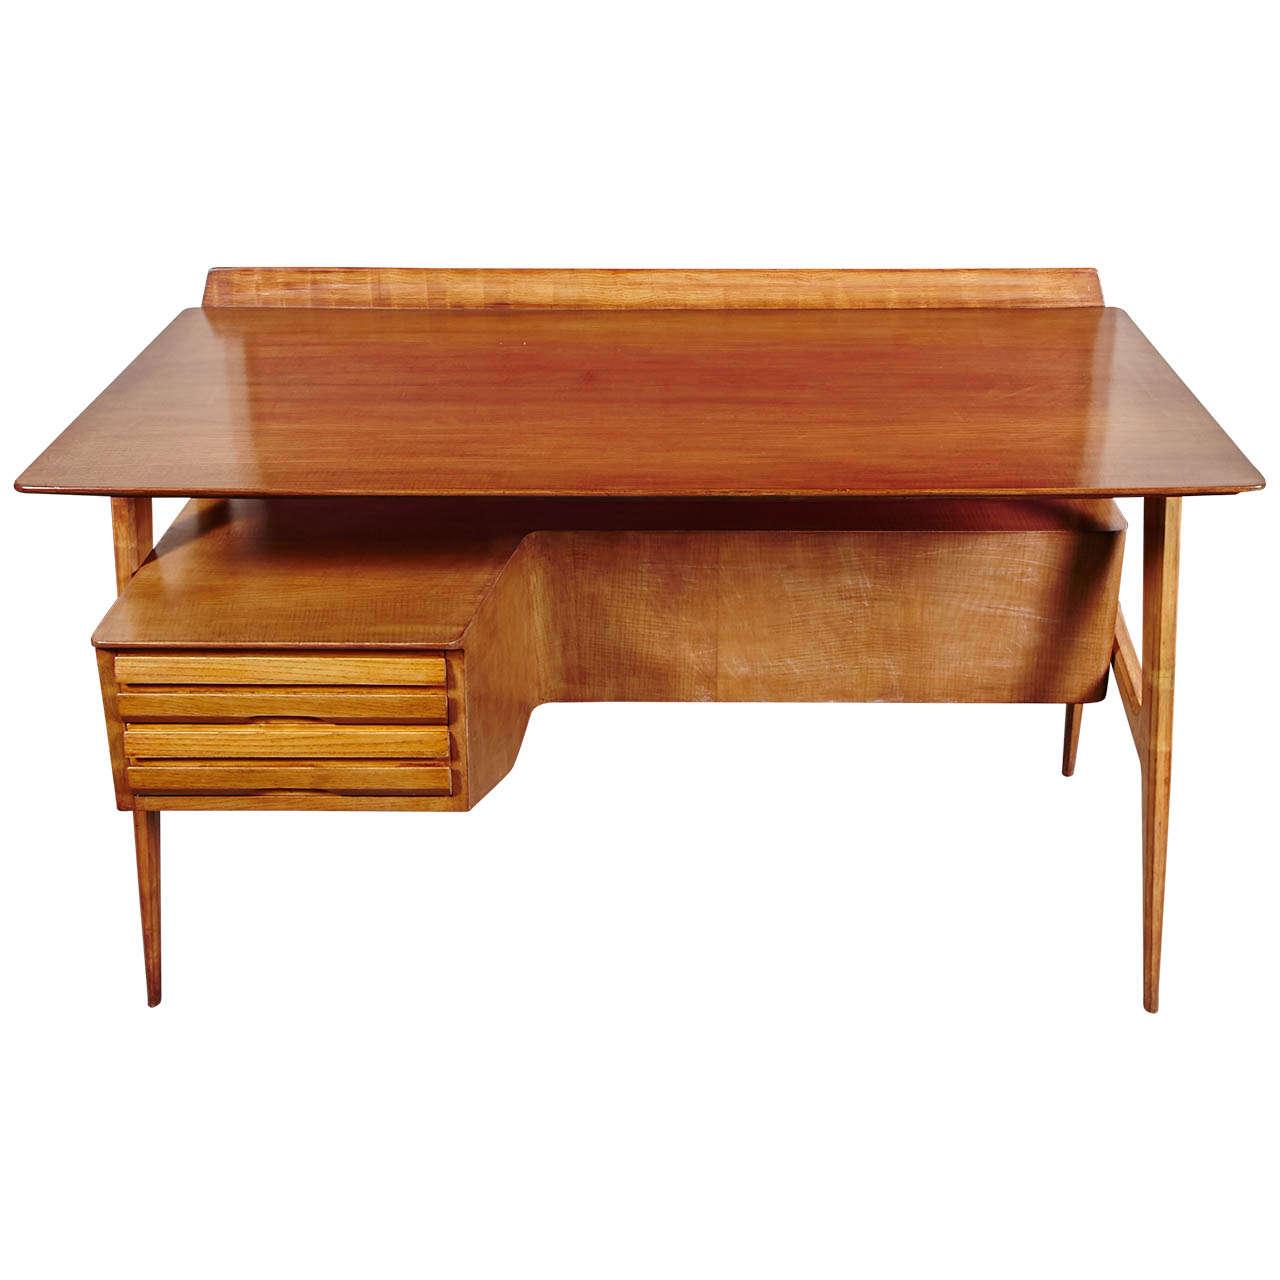 Elegant Desk In Mahogany Designed By Vittorio Dassi 1940s